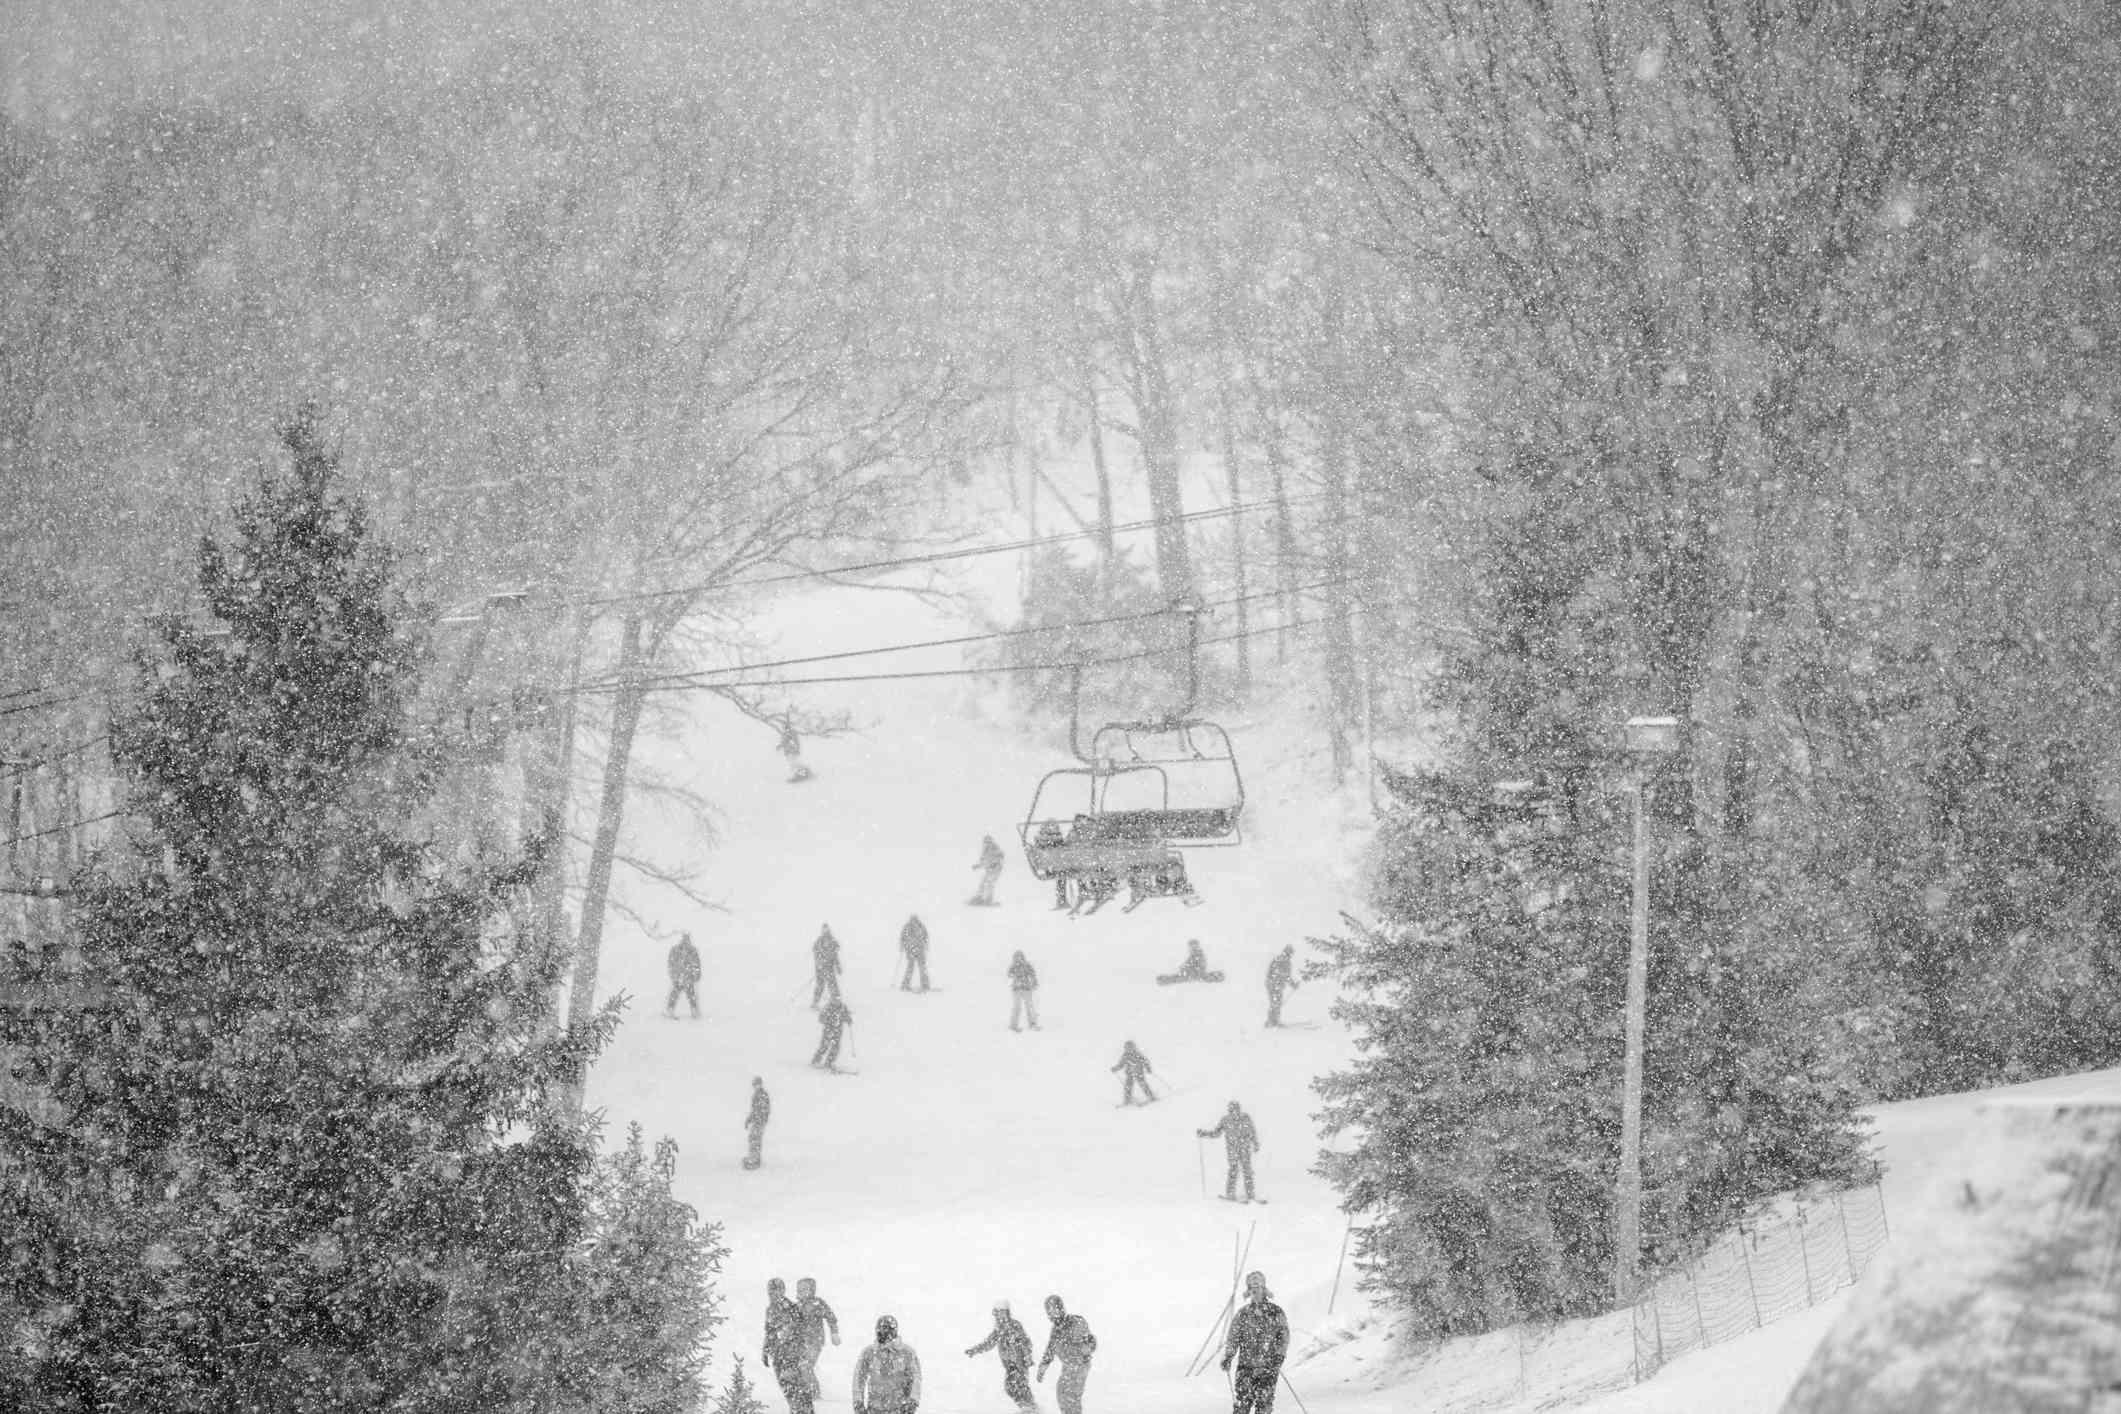 Bunny slope at the Ski Resort under snowfall